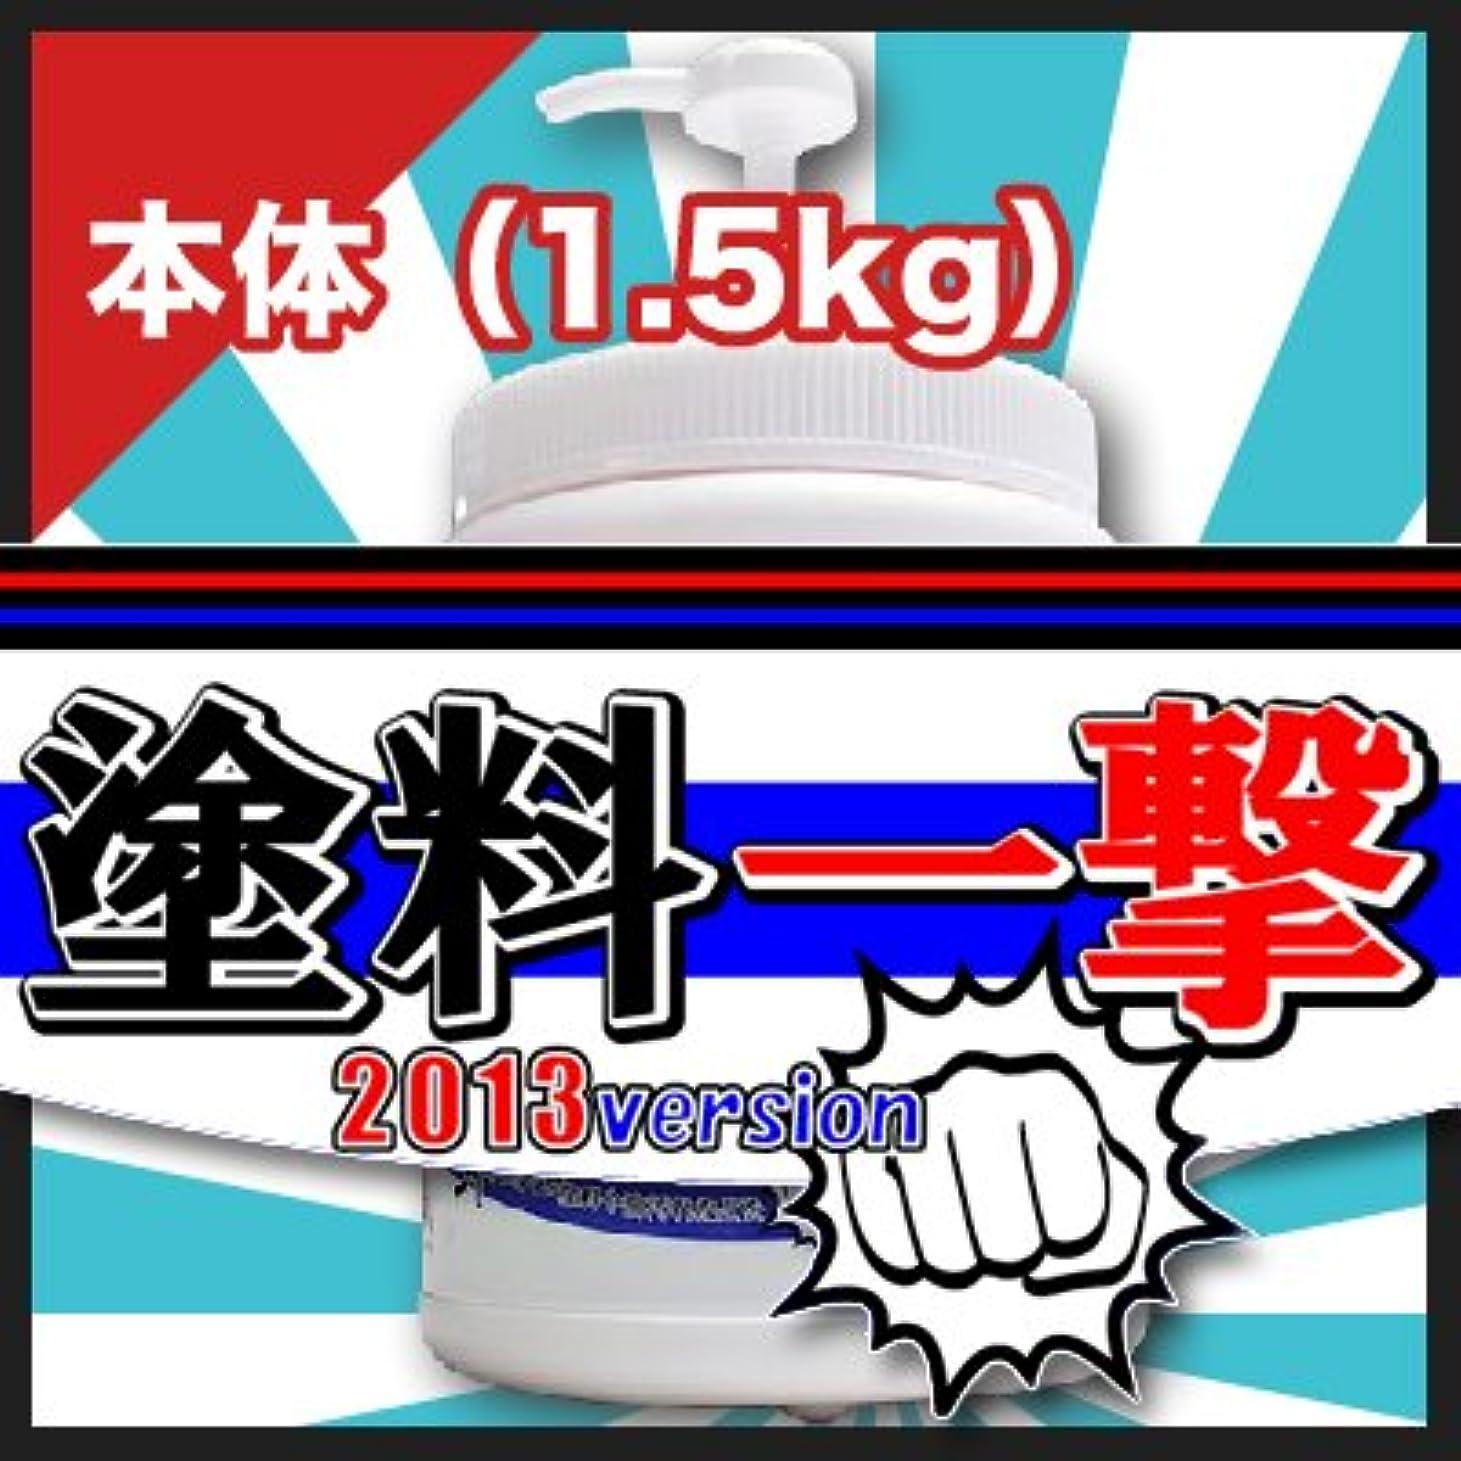 姉妹世論調査パシフィックD.Iプランニング 塗料一撃 2013 Version 本体 (1.5kg)